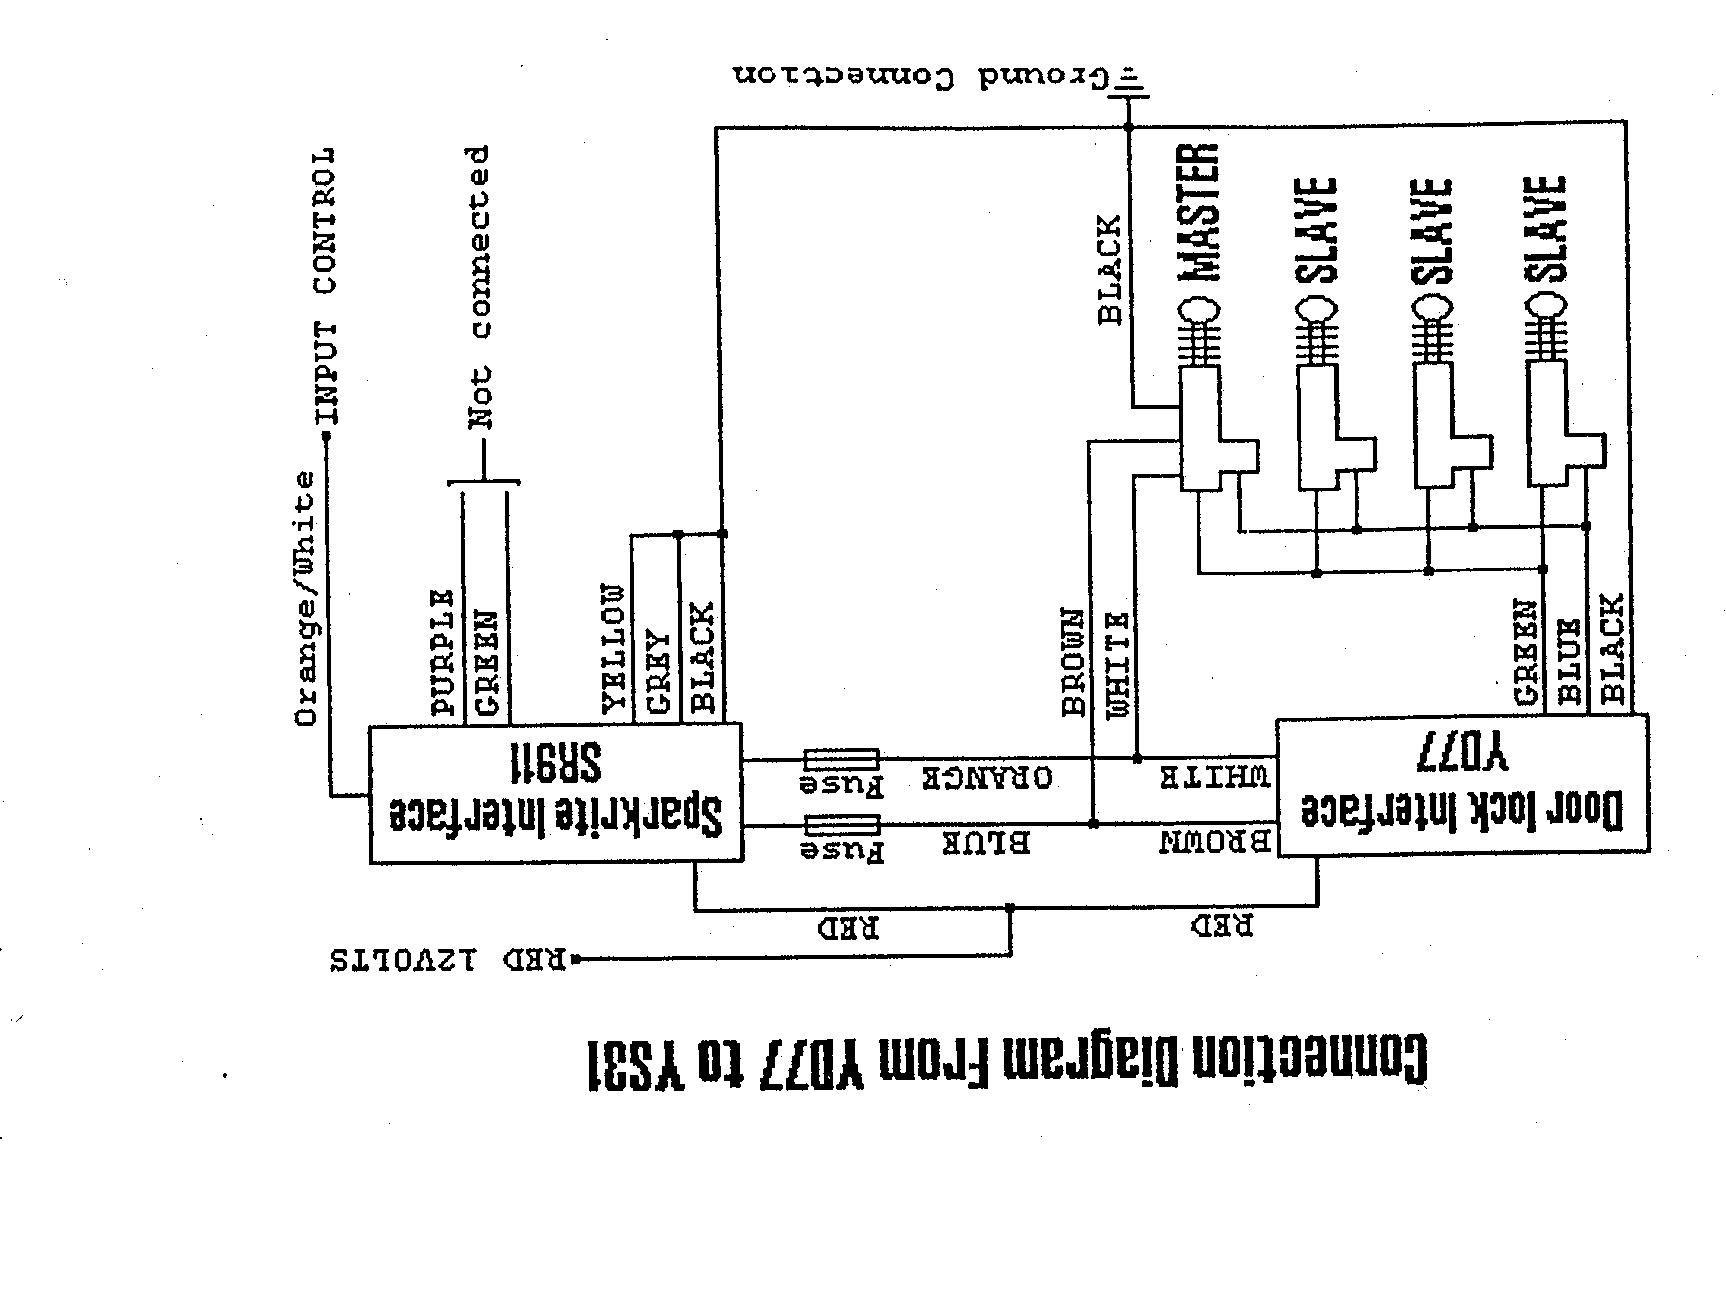 5 wire actuator diagram